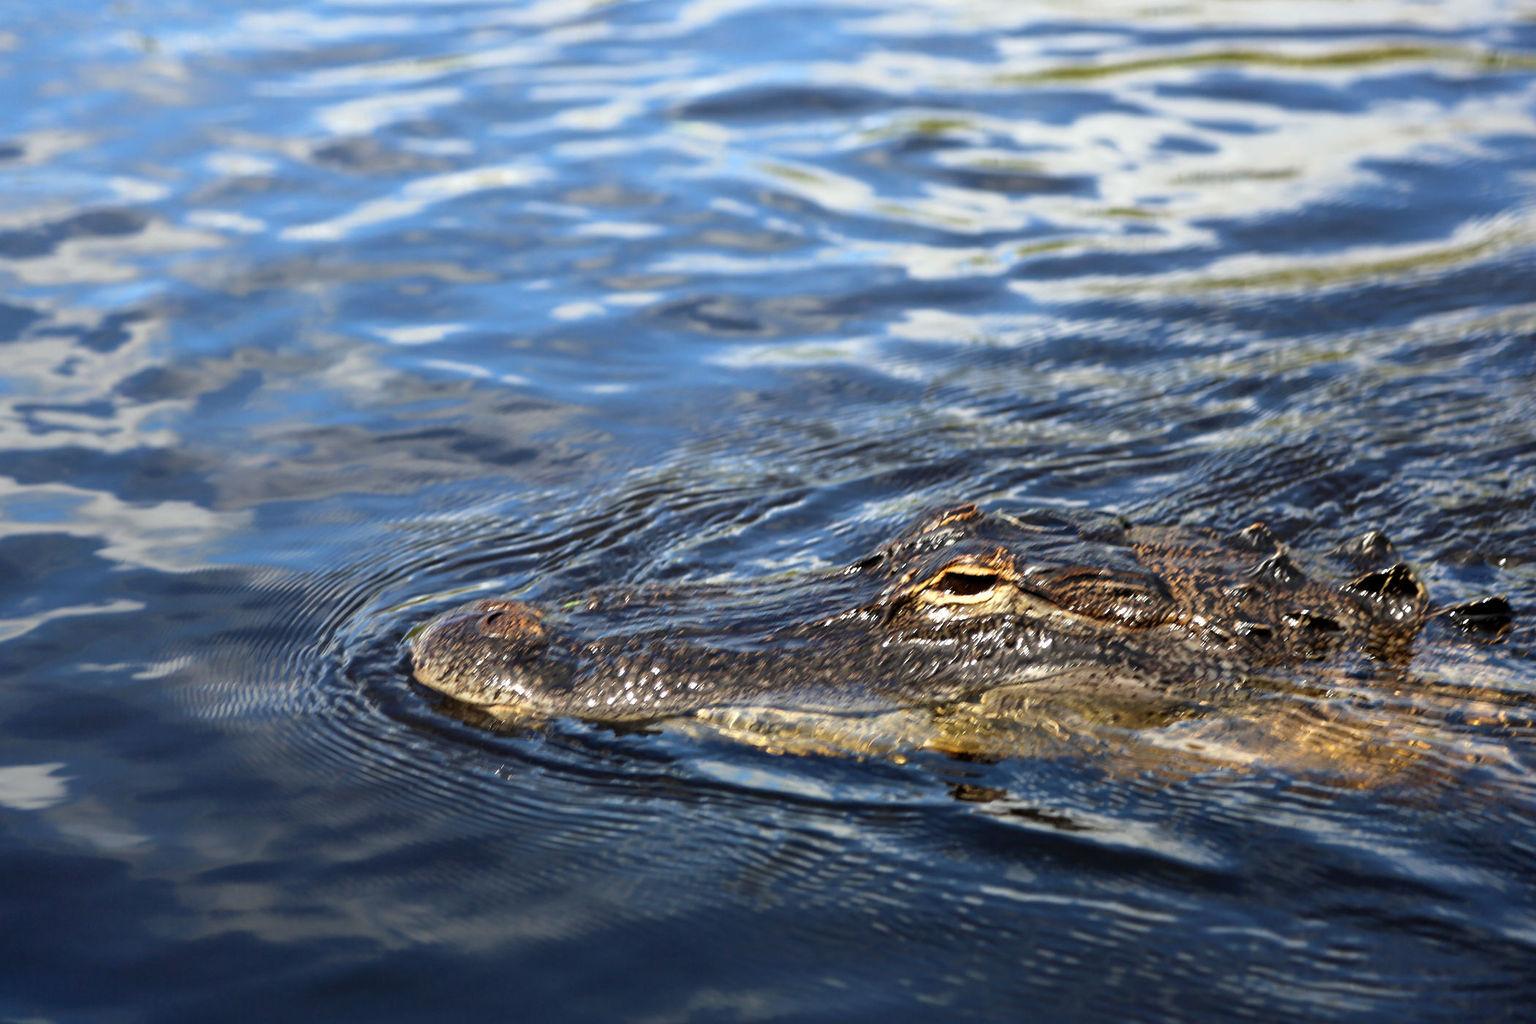 MÁS FOTOS, Excursión en hidrodeslizador a Everglades de Florida y espectáculo con caimanes desde Fort Lauderdale